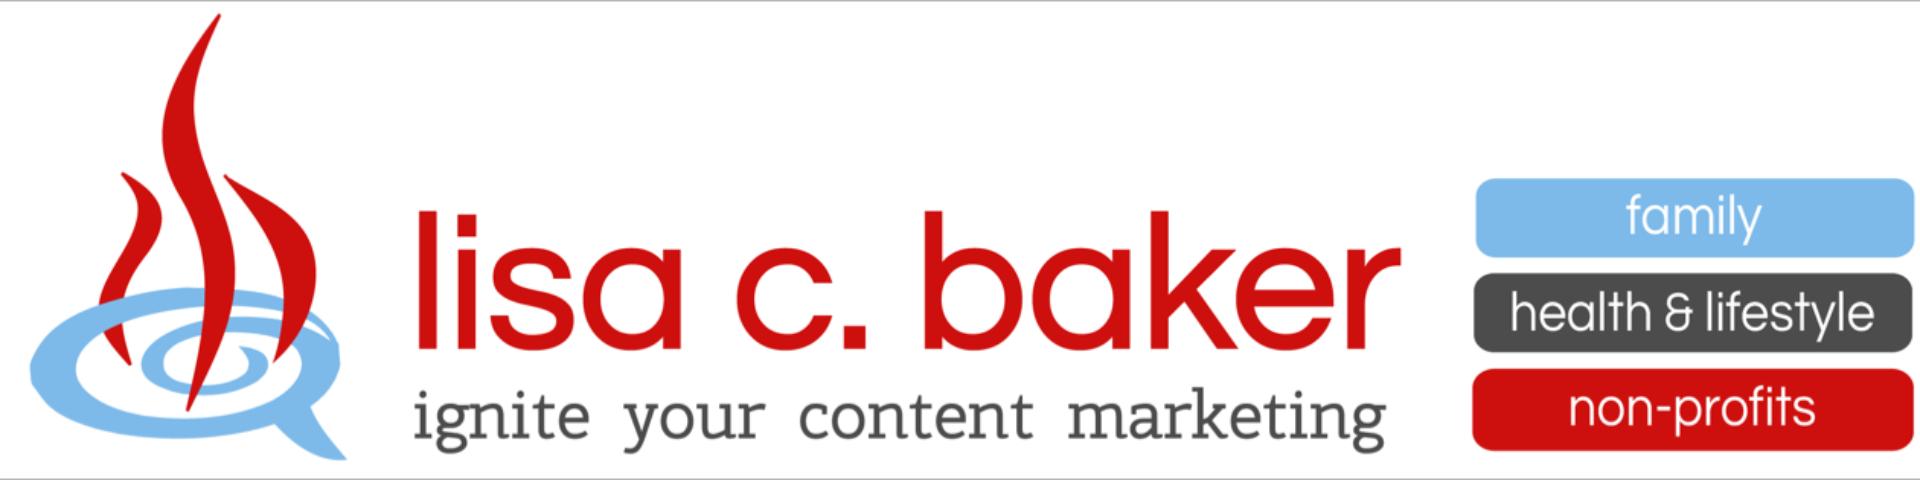 L.C. Baker